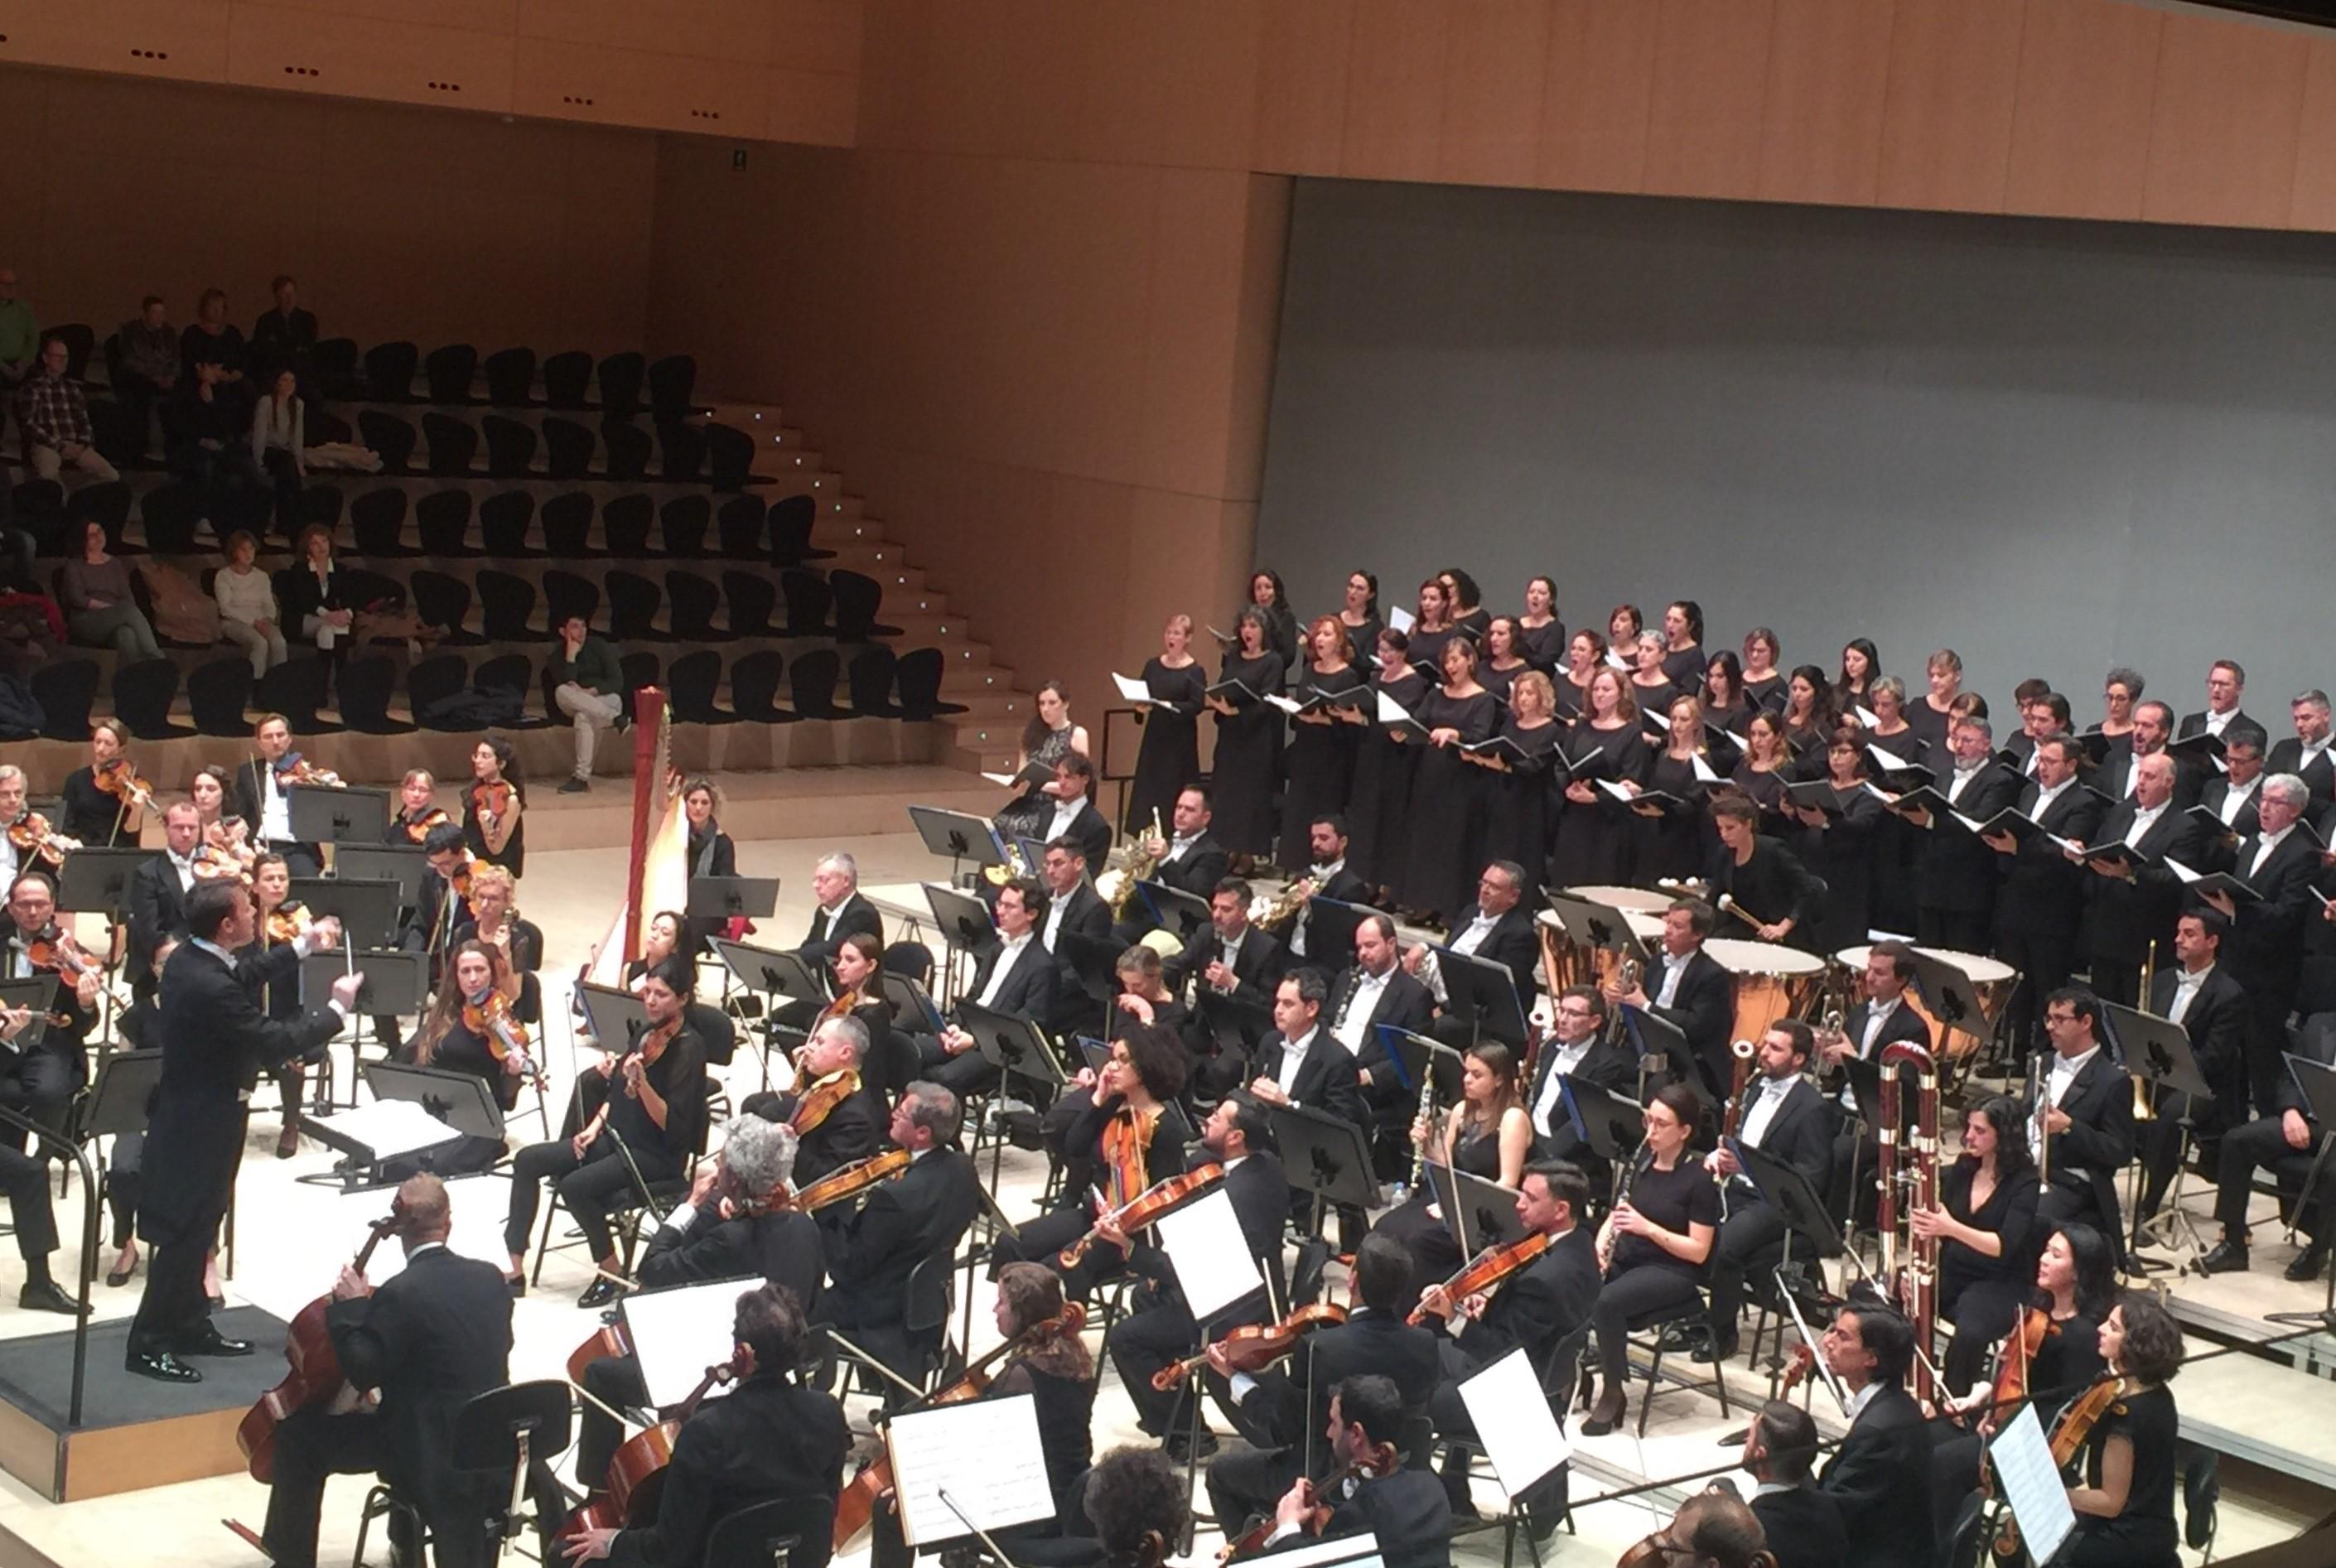 La orquesta y coro de Les Arts siguen en lo más alto